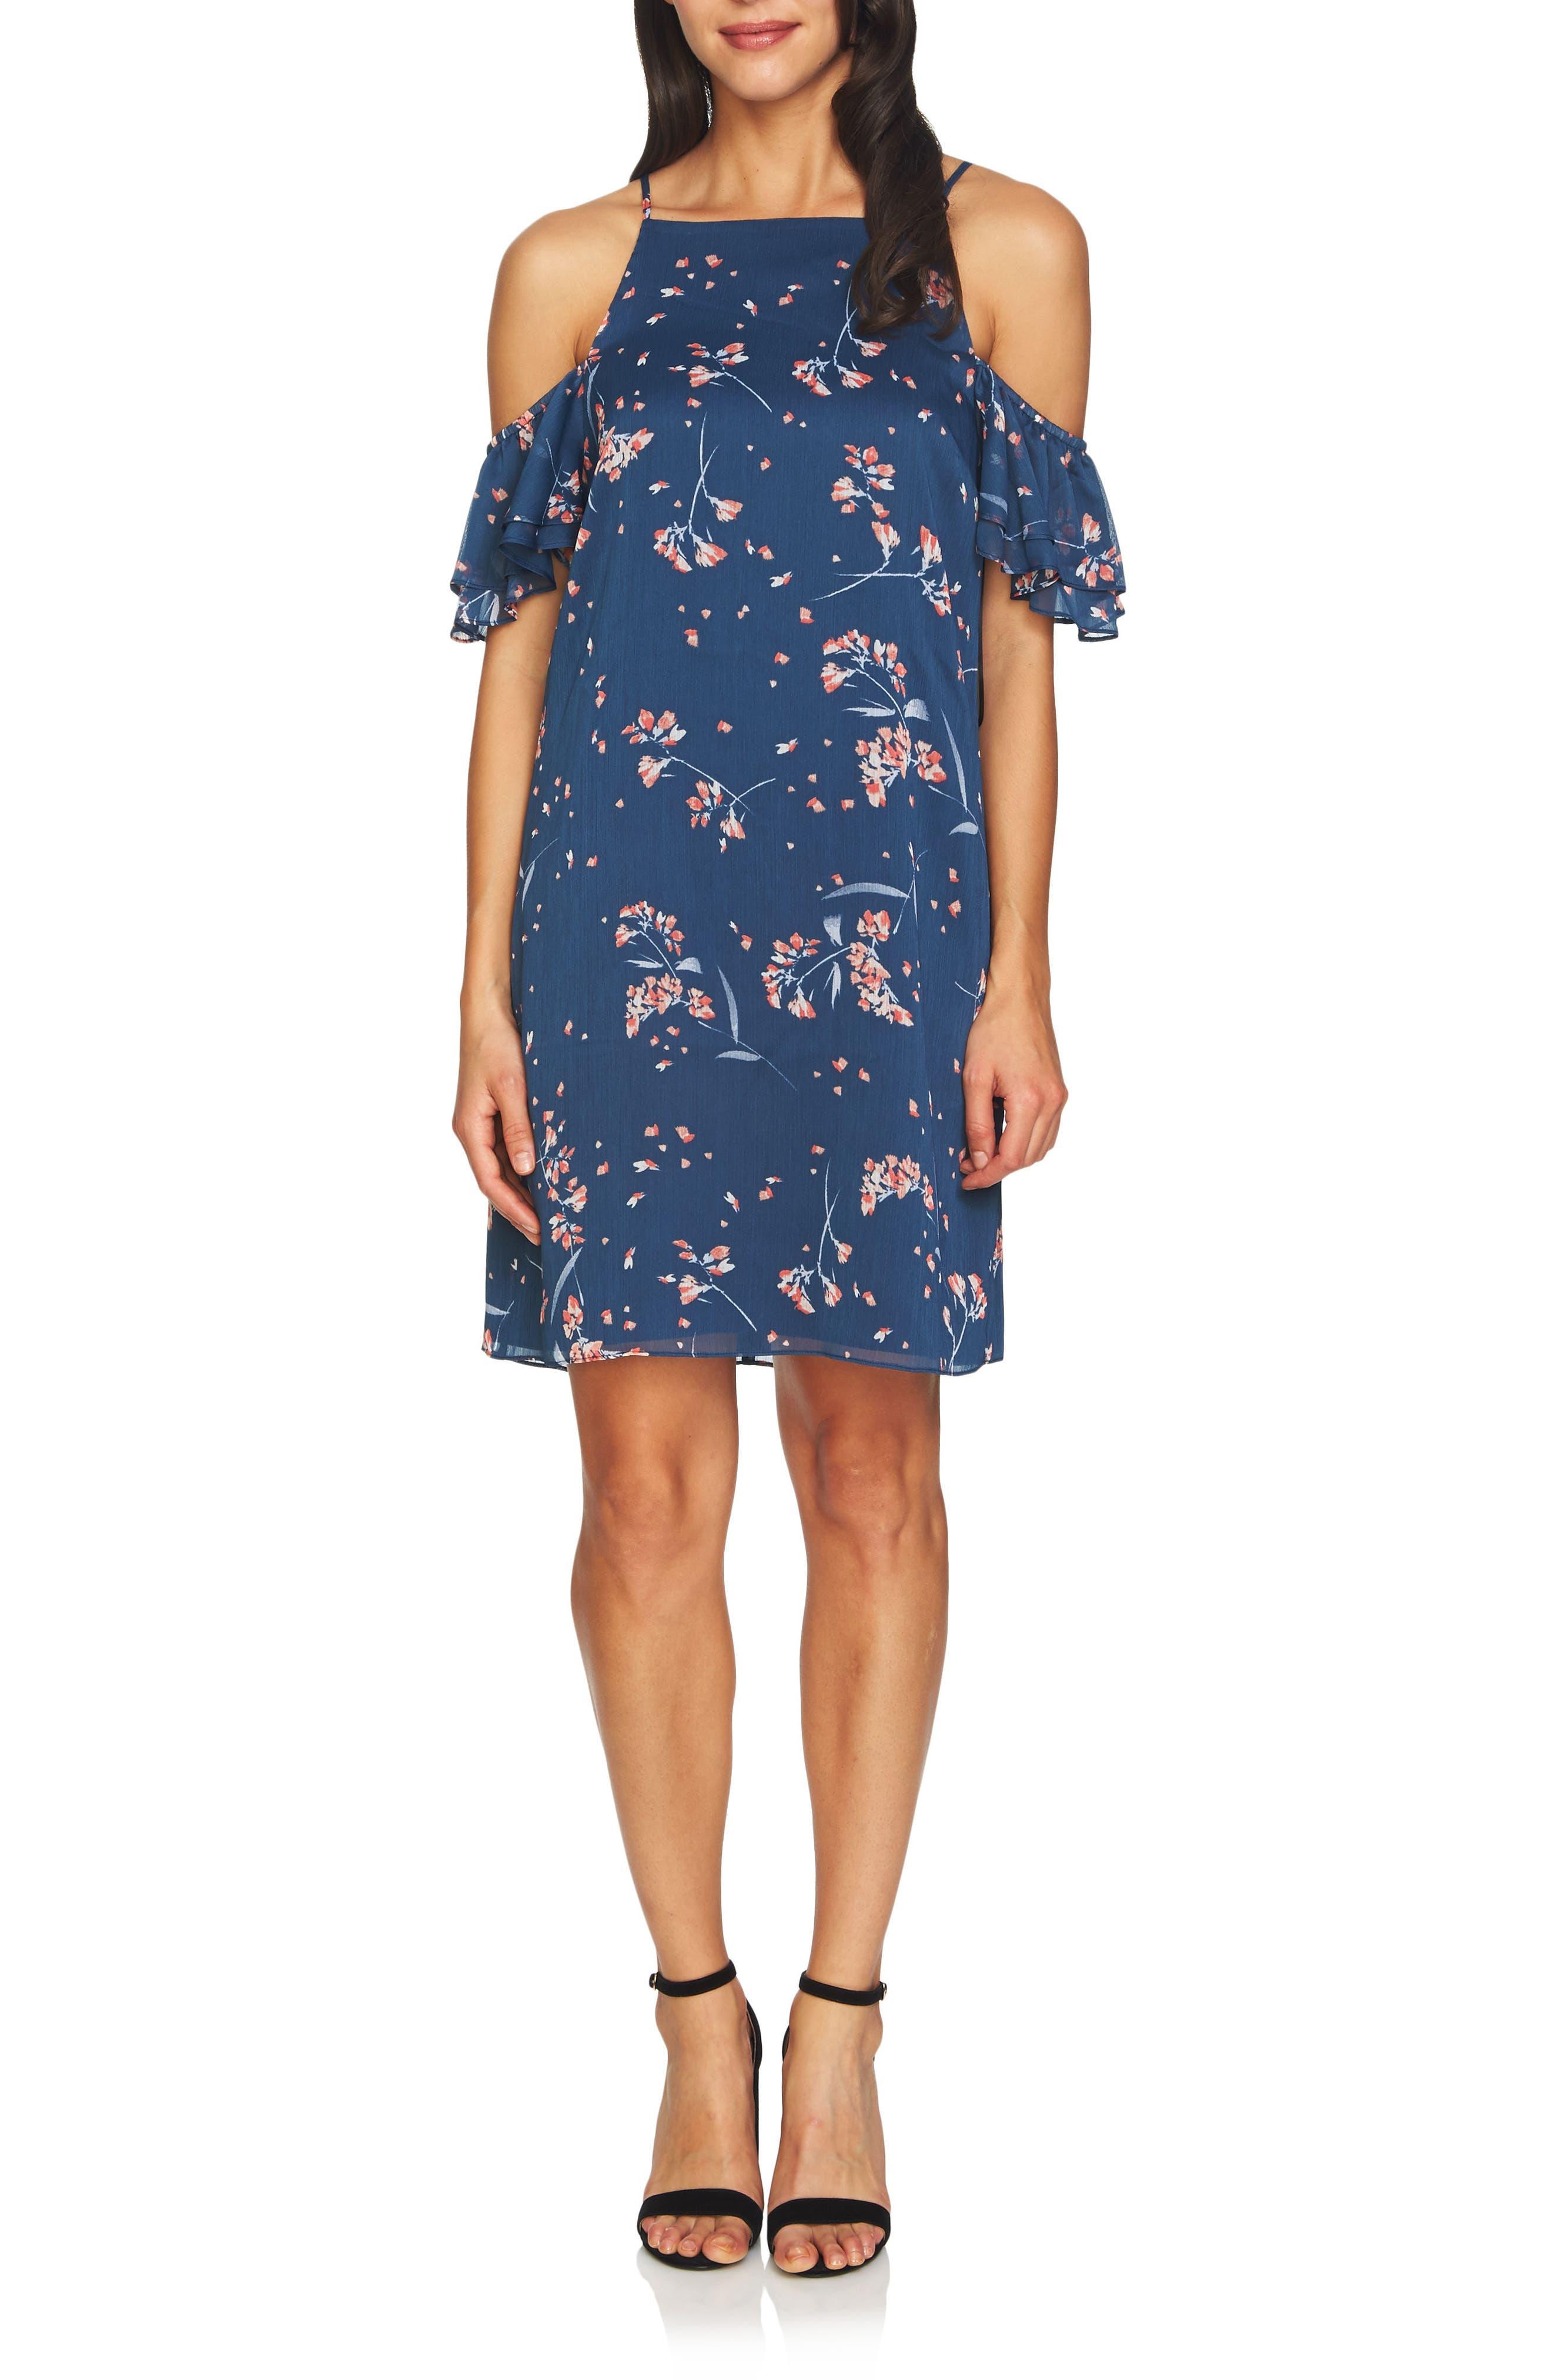 Alternate Image 1 Selected - CeCe Nika Cold Shoulder Shift Dress